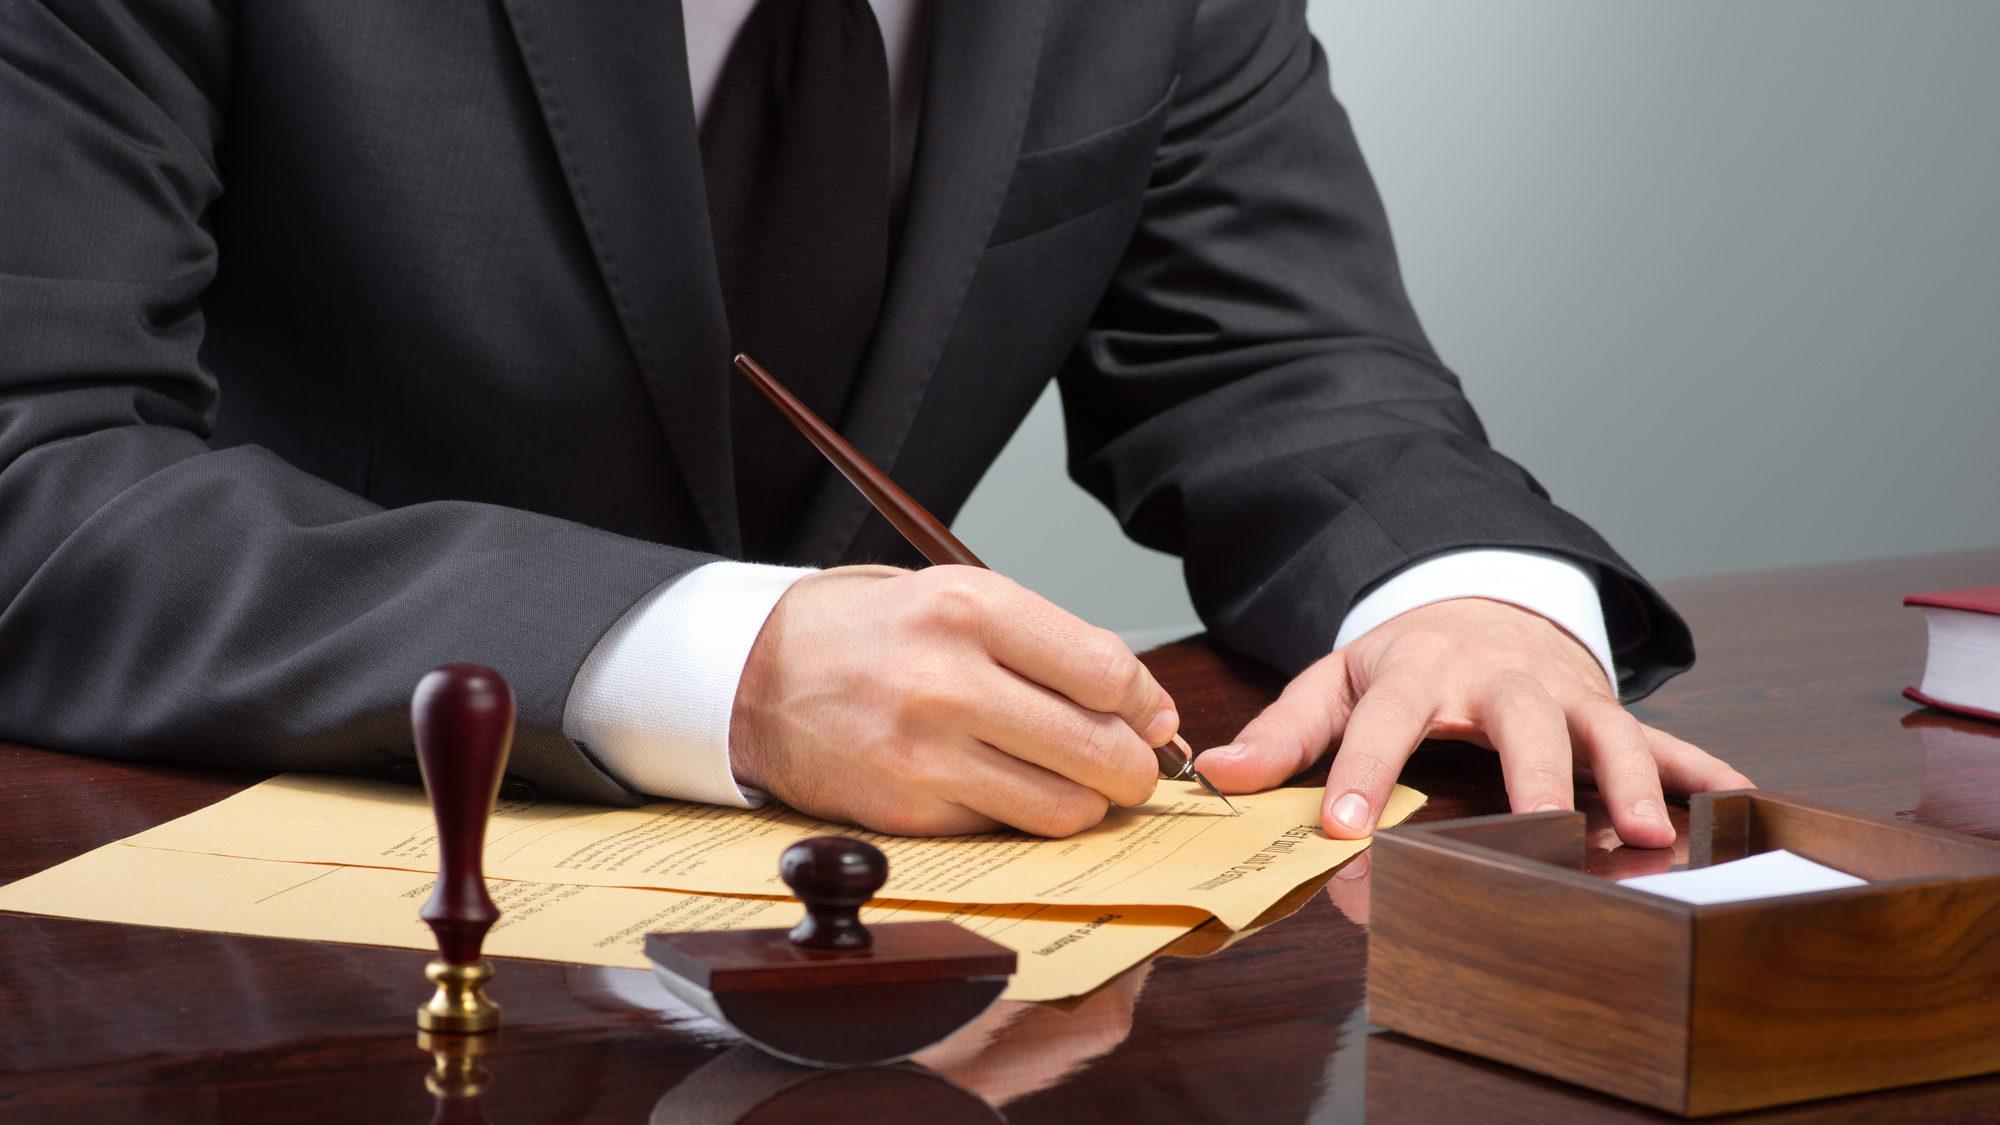 טיוטה שניה לחוזר אישור קיום ביטוח: אישור הביטוח יוכל להרחיב את תנאי הפוליסה; סתירה בין הפוליסה לאישור תפורש לטובת המבוטח בלבד